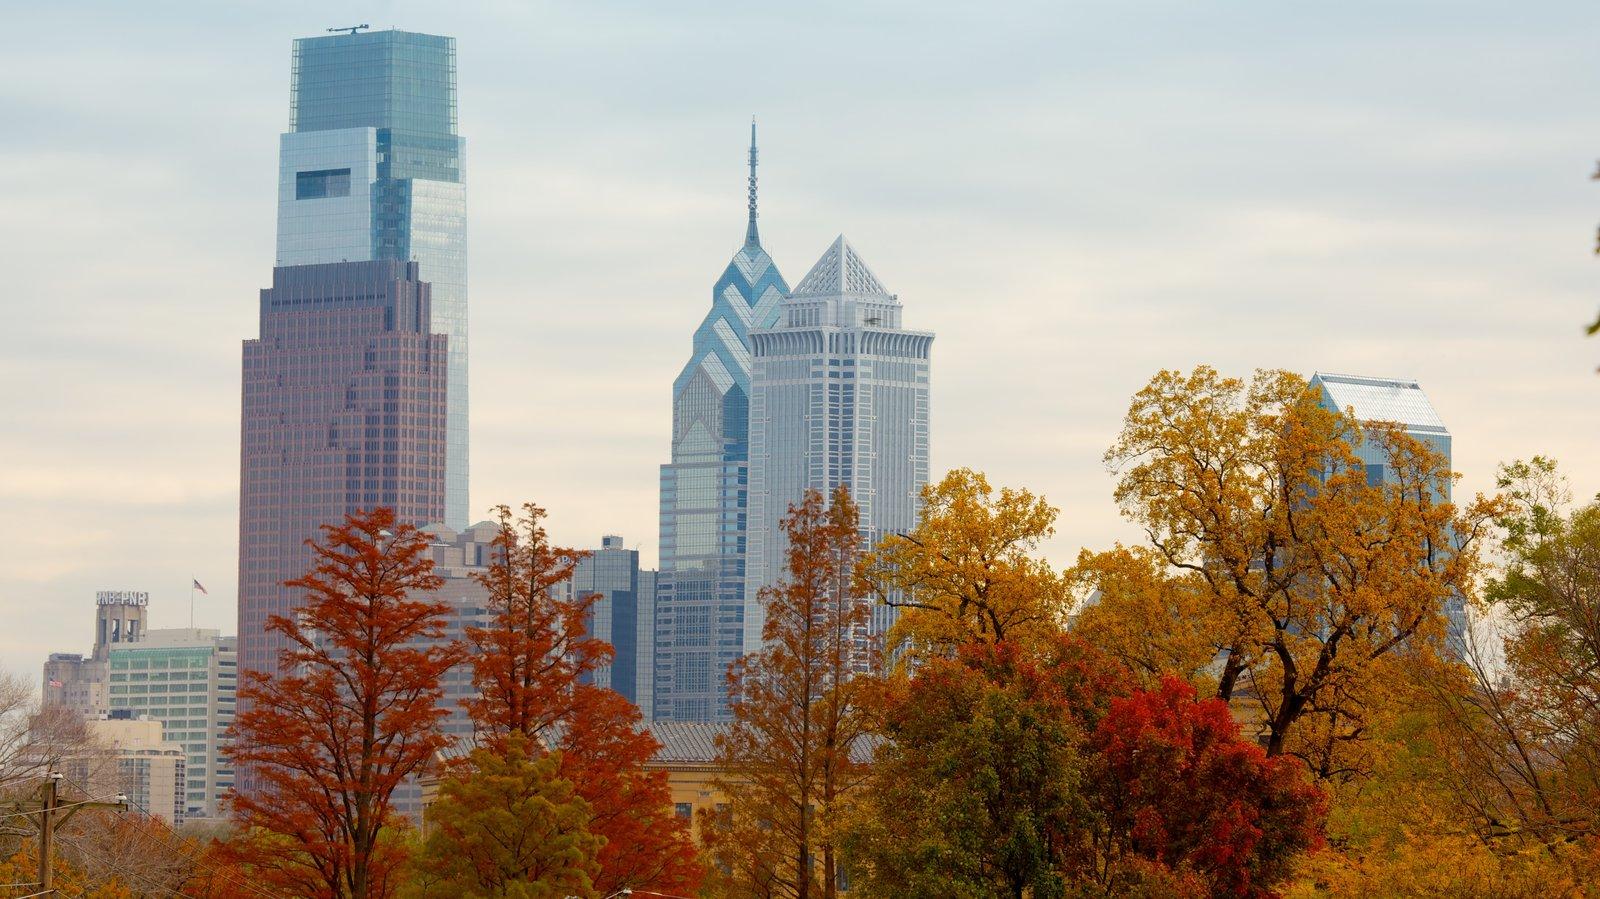 Sudeste de Pensilvânia caracterizando cores do outono, um pôr do sol e uma cidade